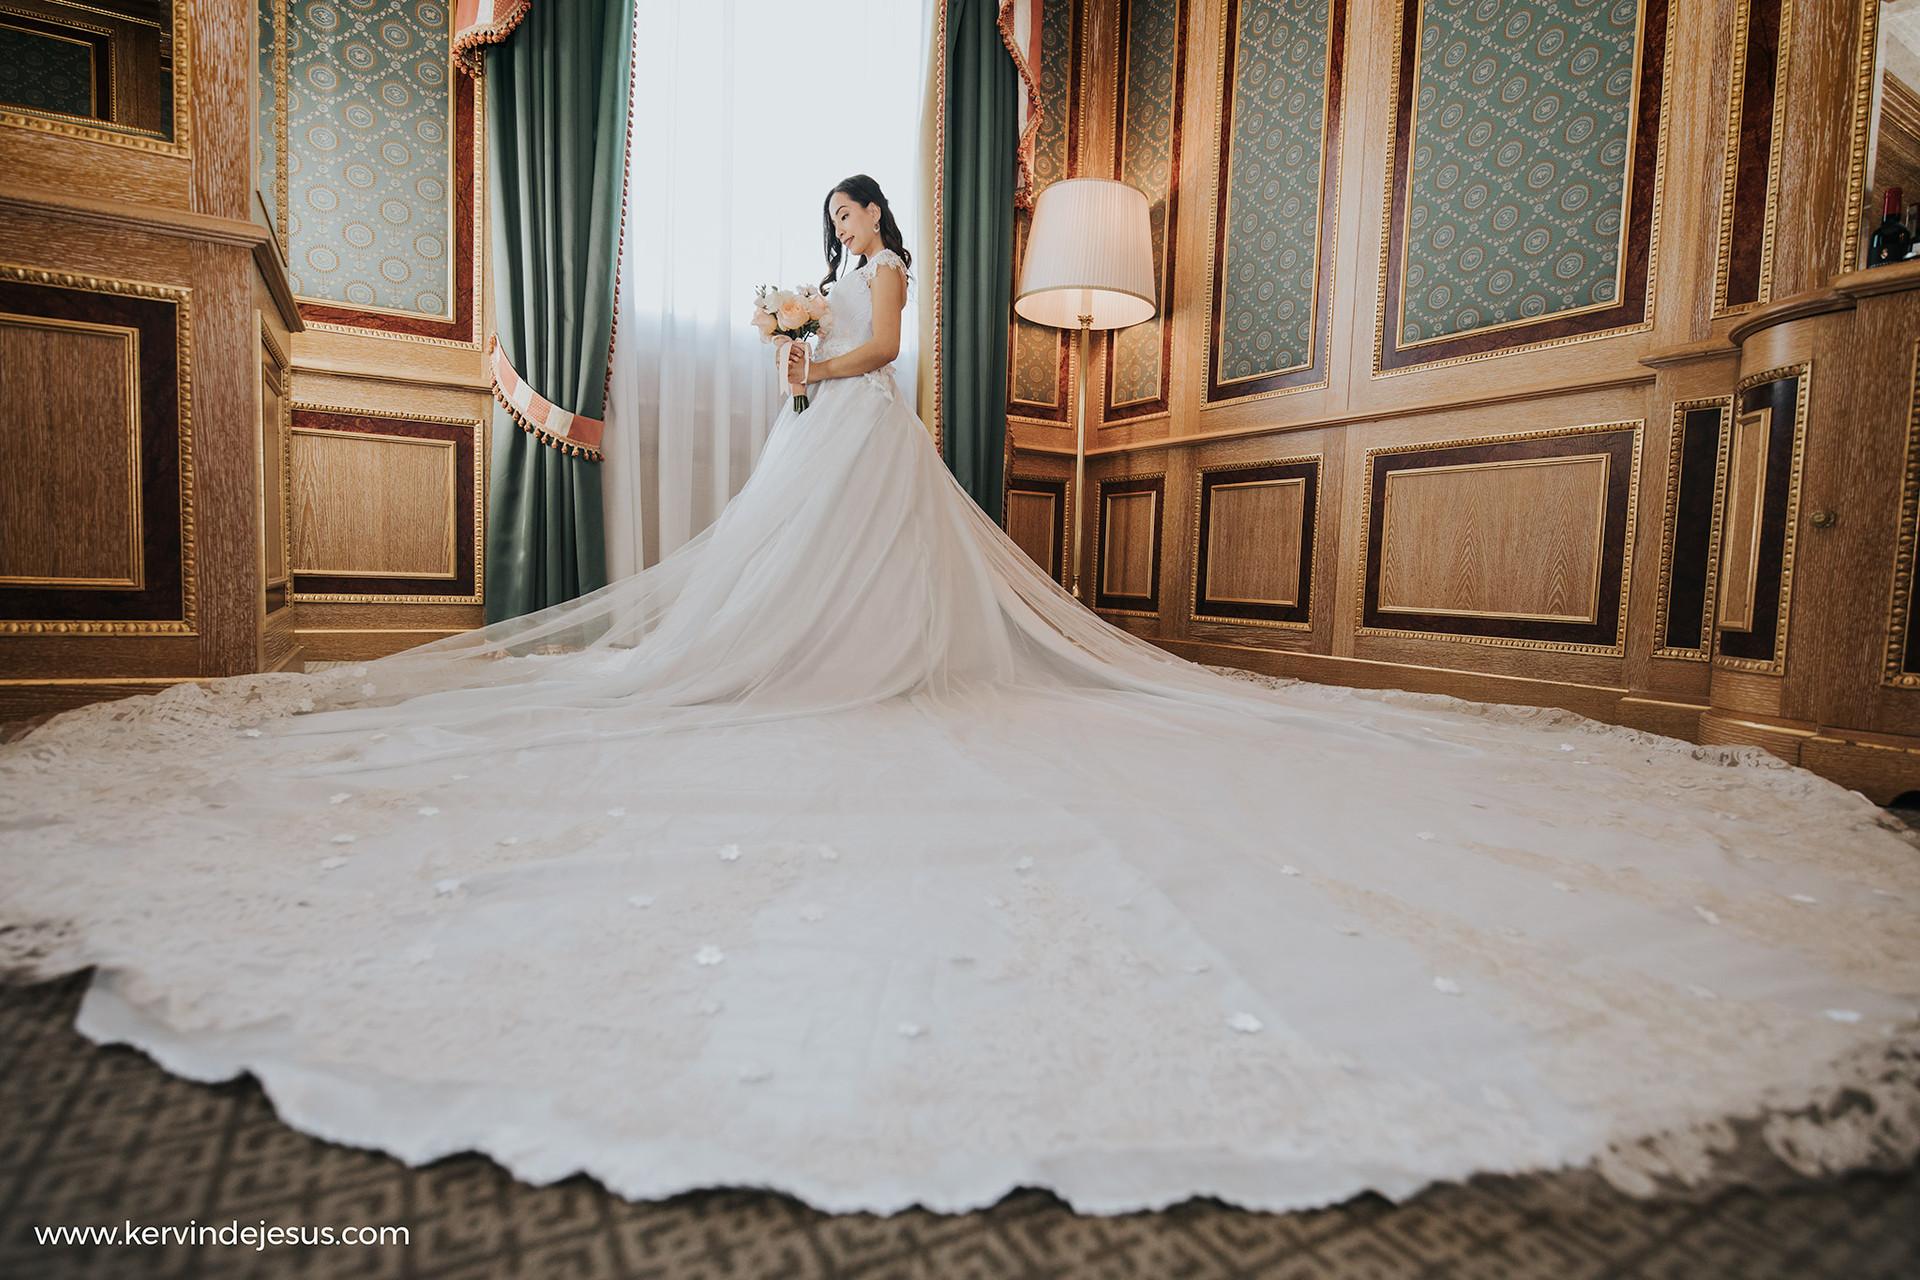 fcs_rochelleiven_wedding3.jpg